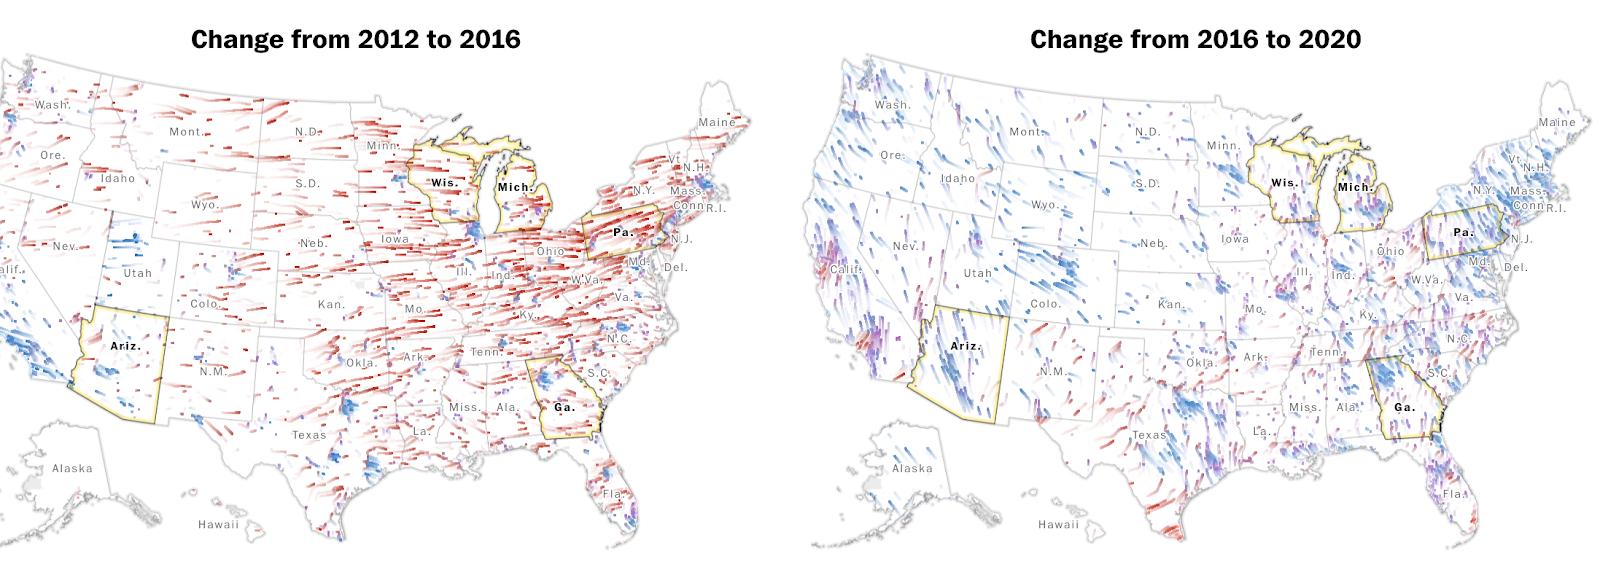 La datavisualisation a illustré les changements électoraux de la présidentielle américaine